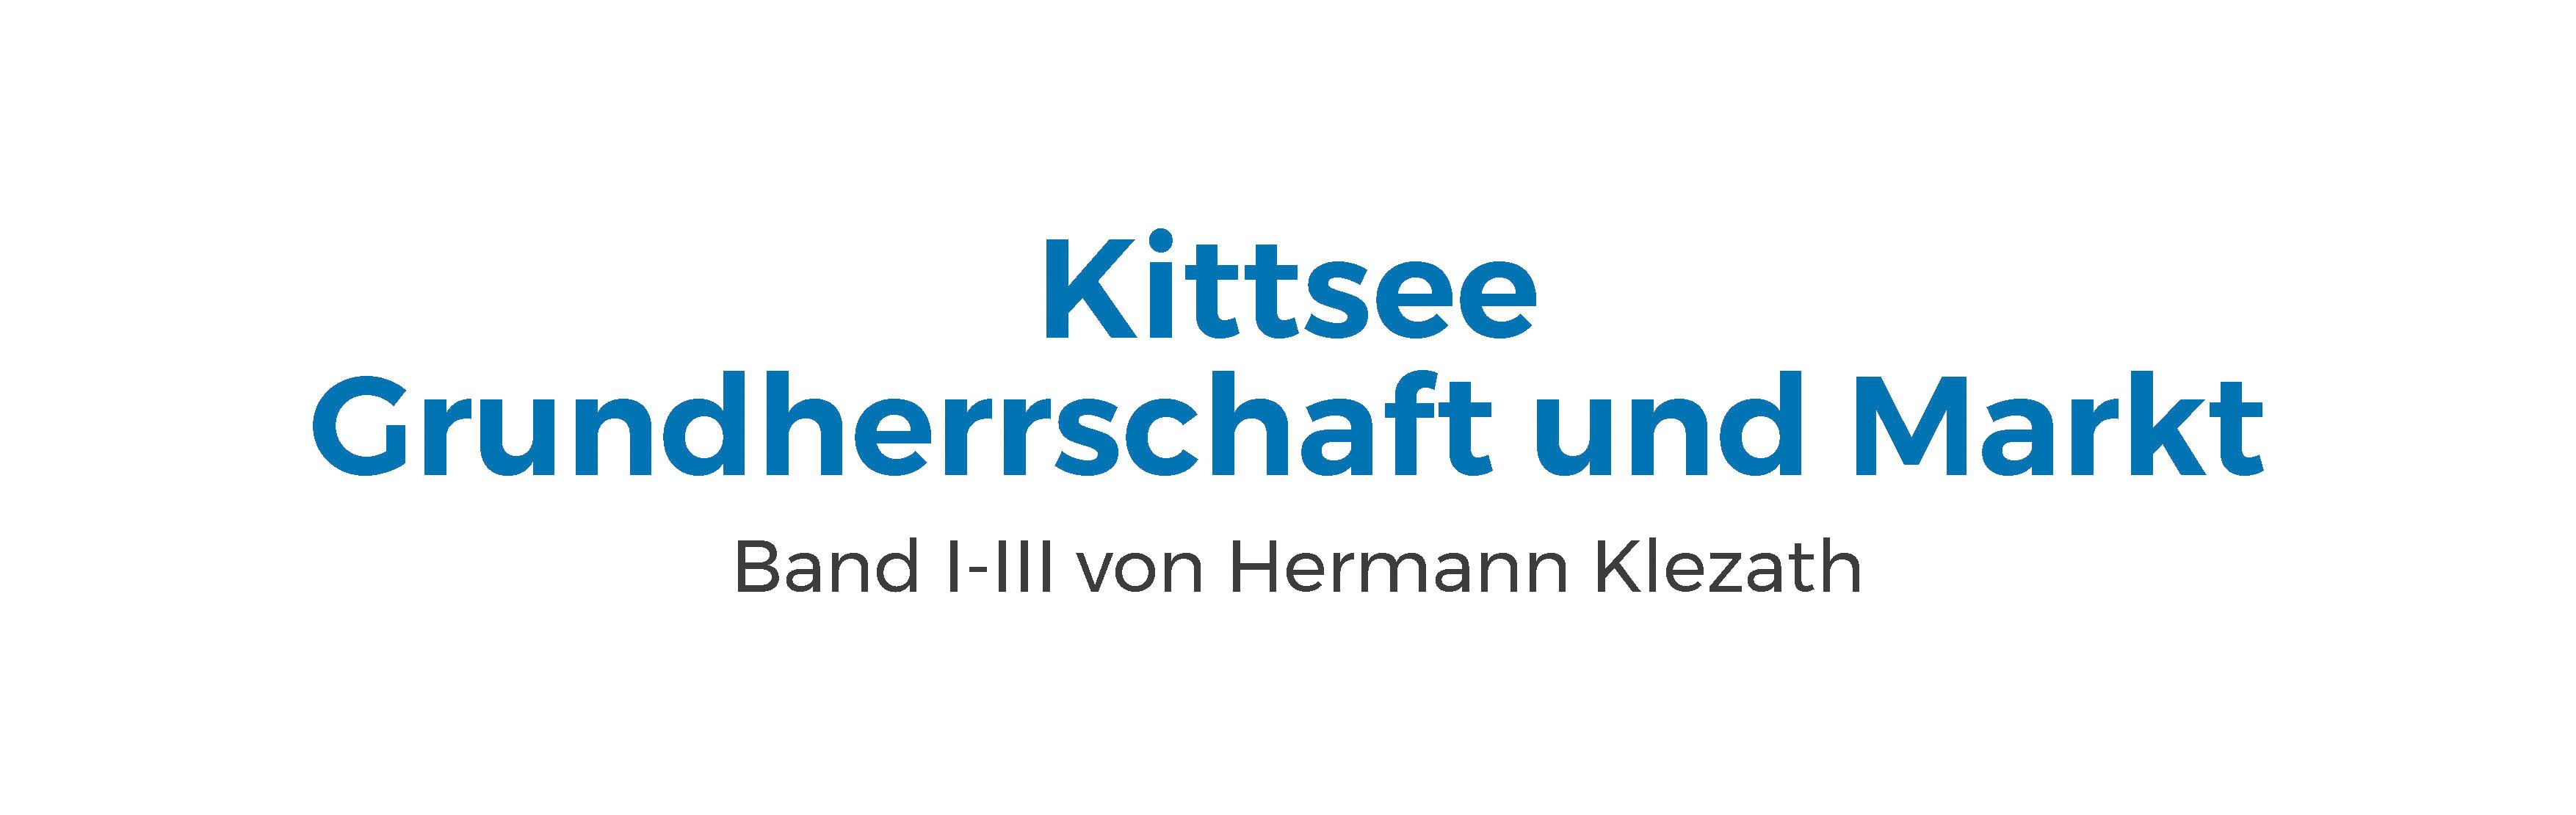 Die Geschichte von Kittsee